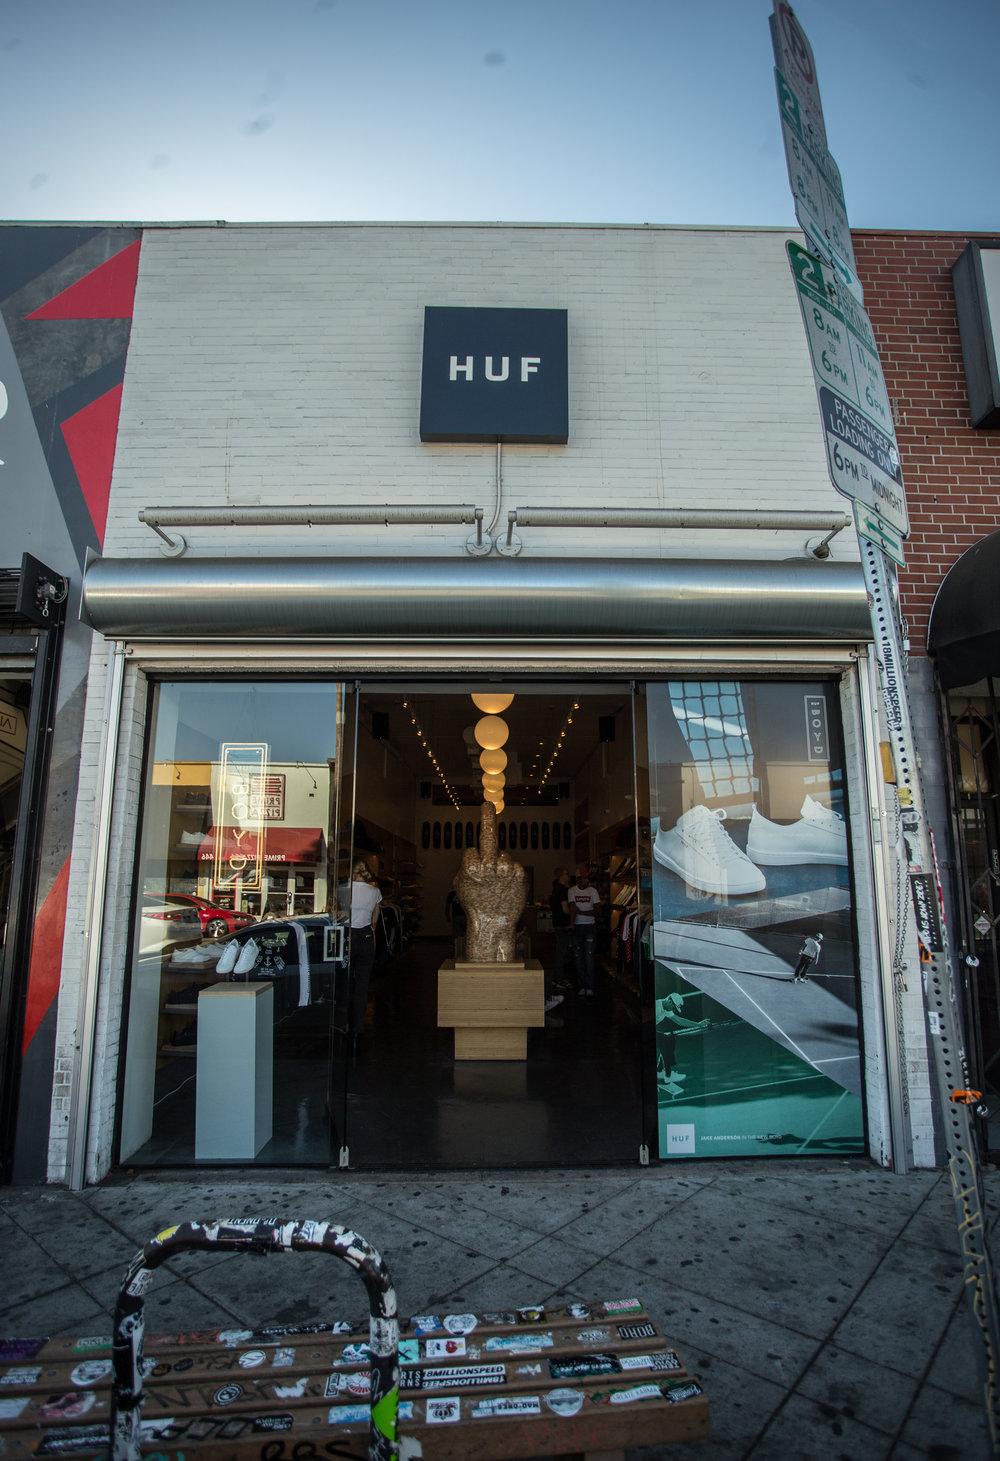 huf store.jpg